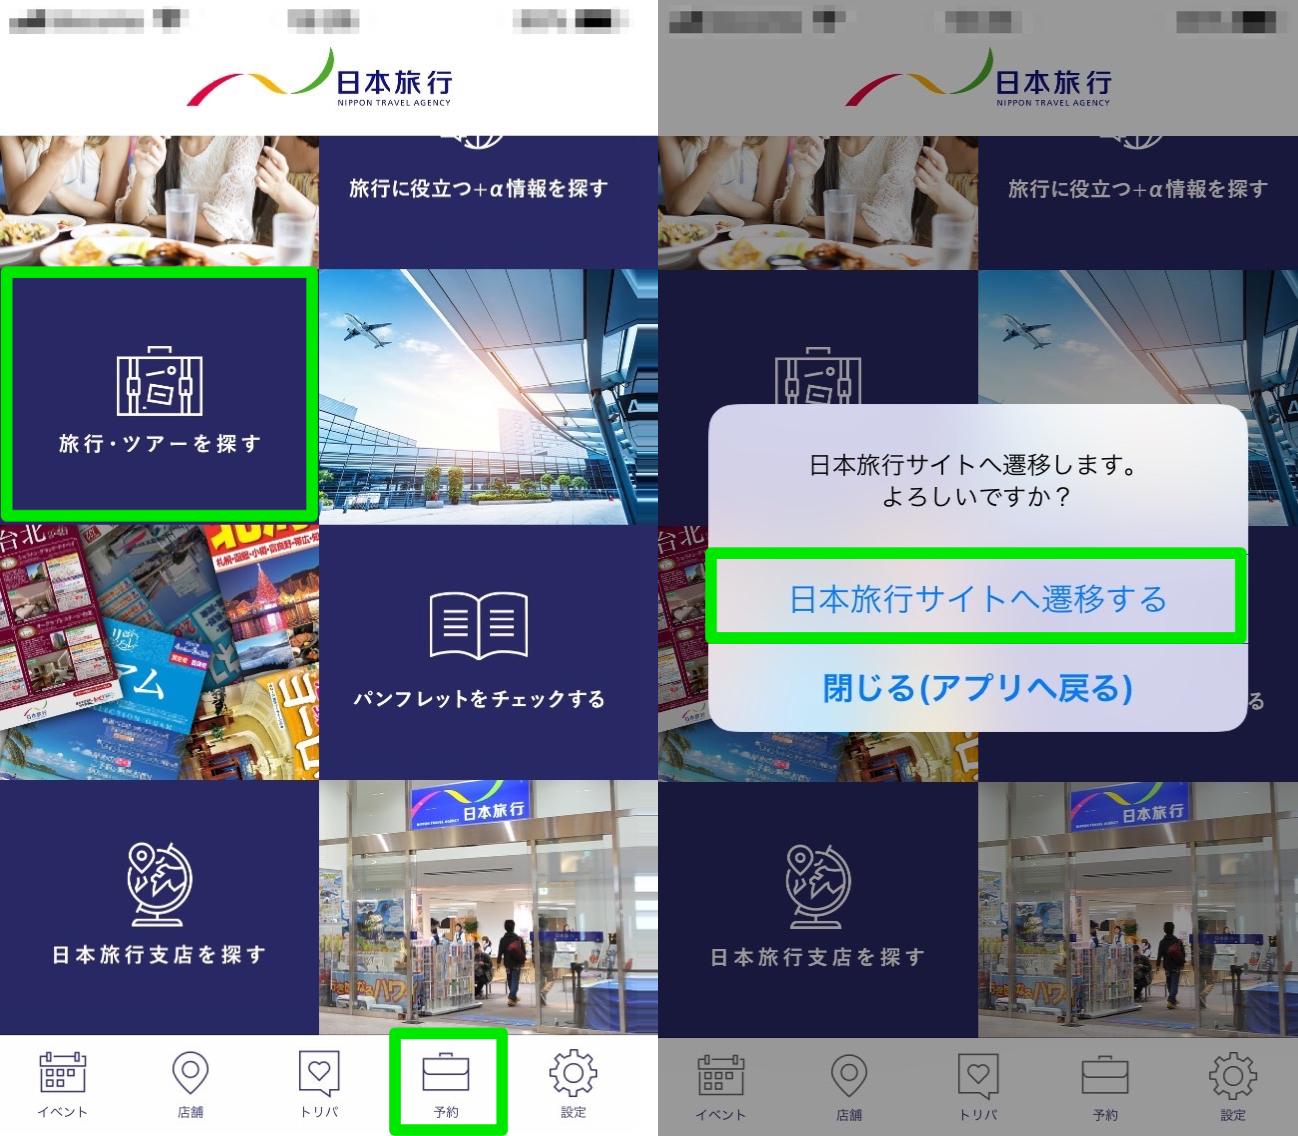 日本旅行アプリで国内ツアー予約をする方法